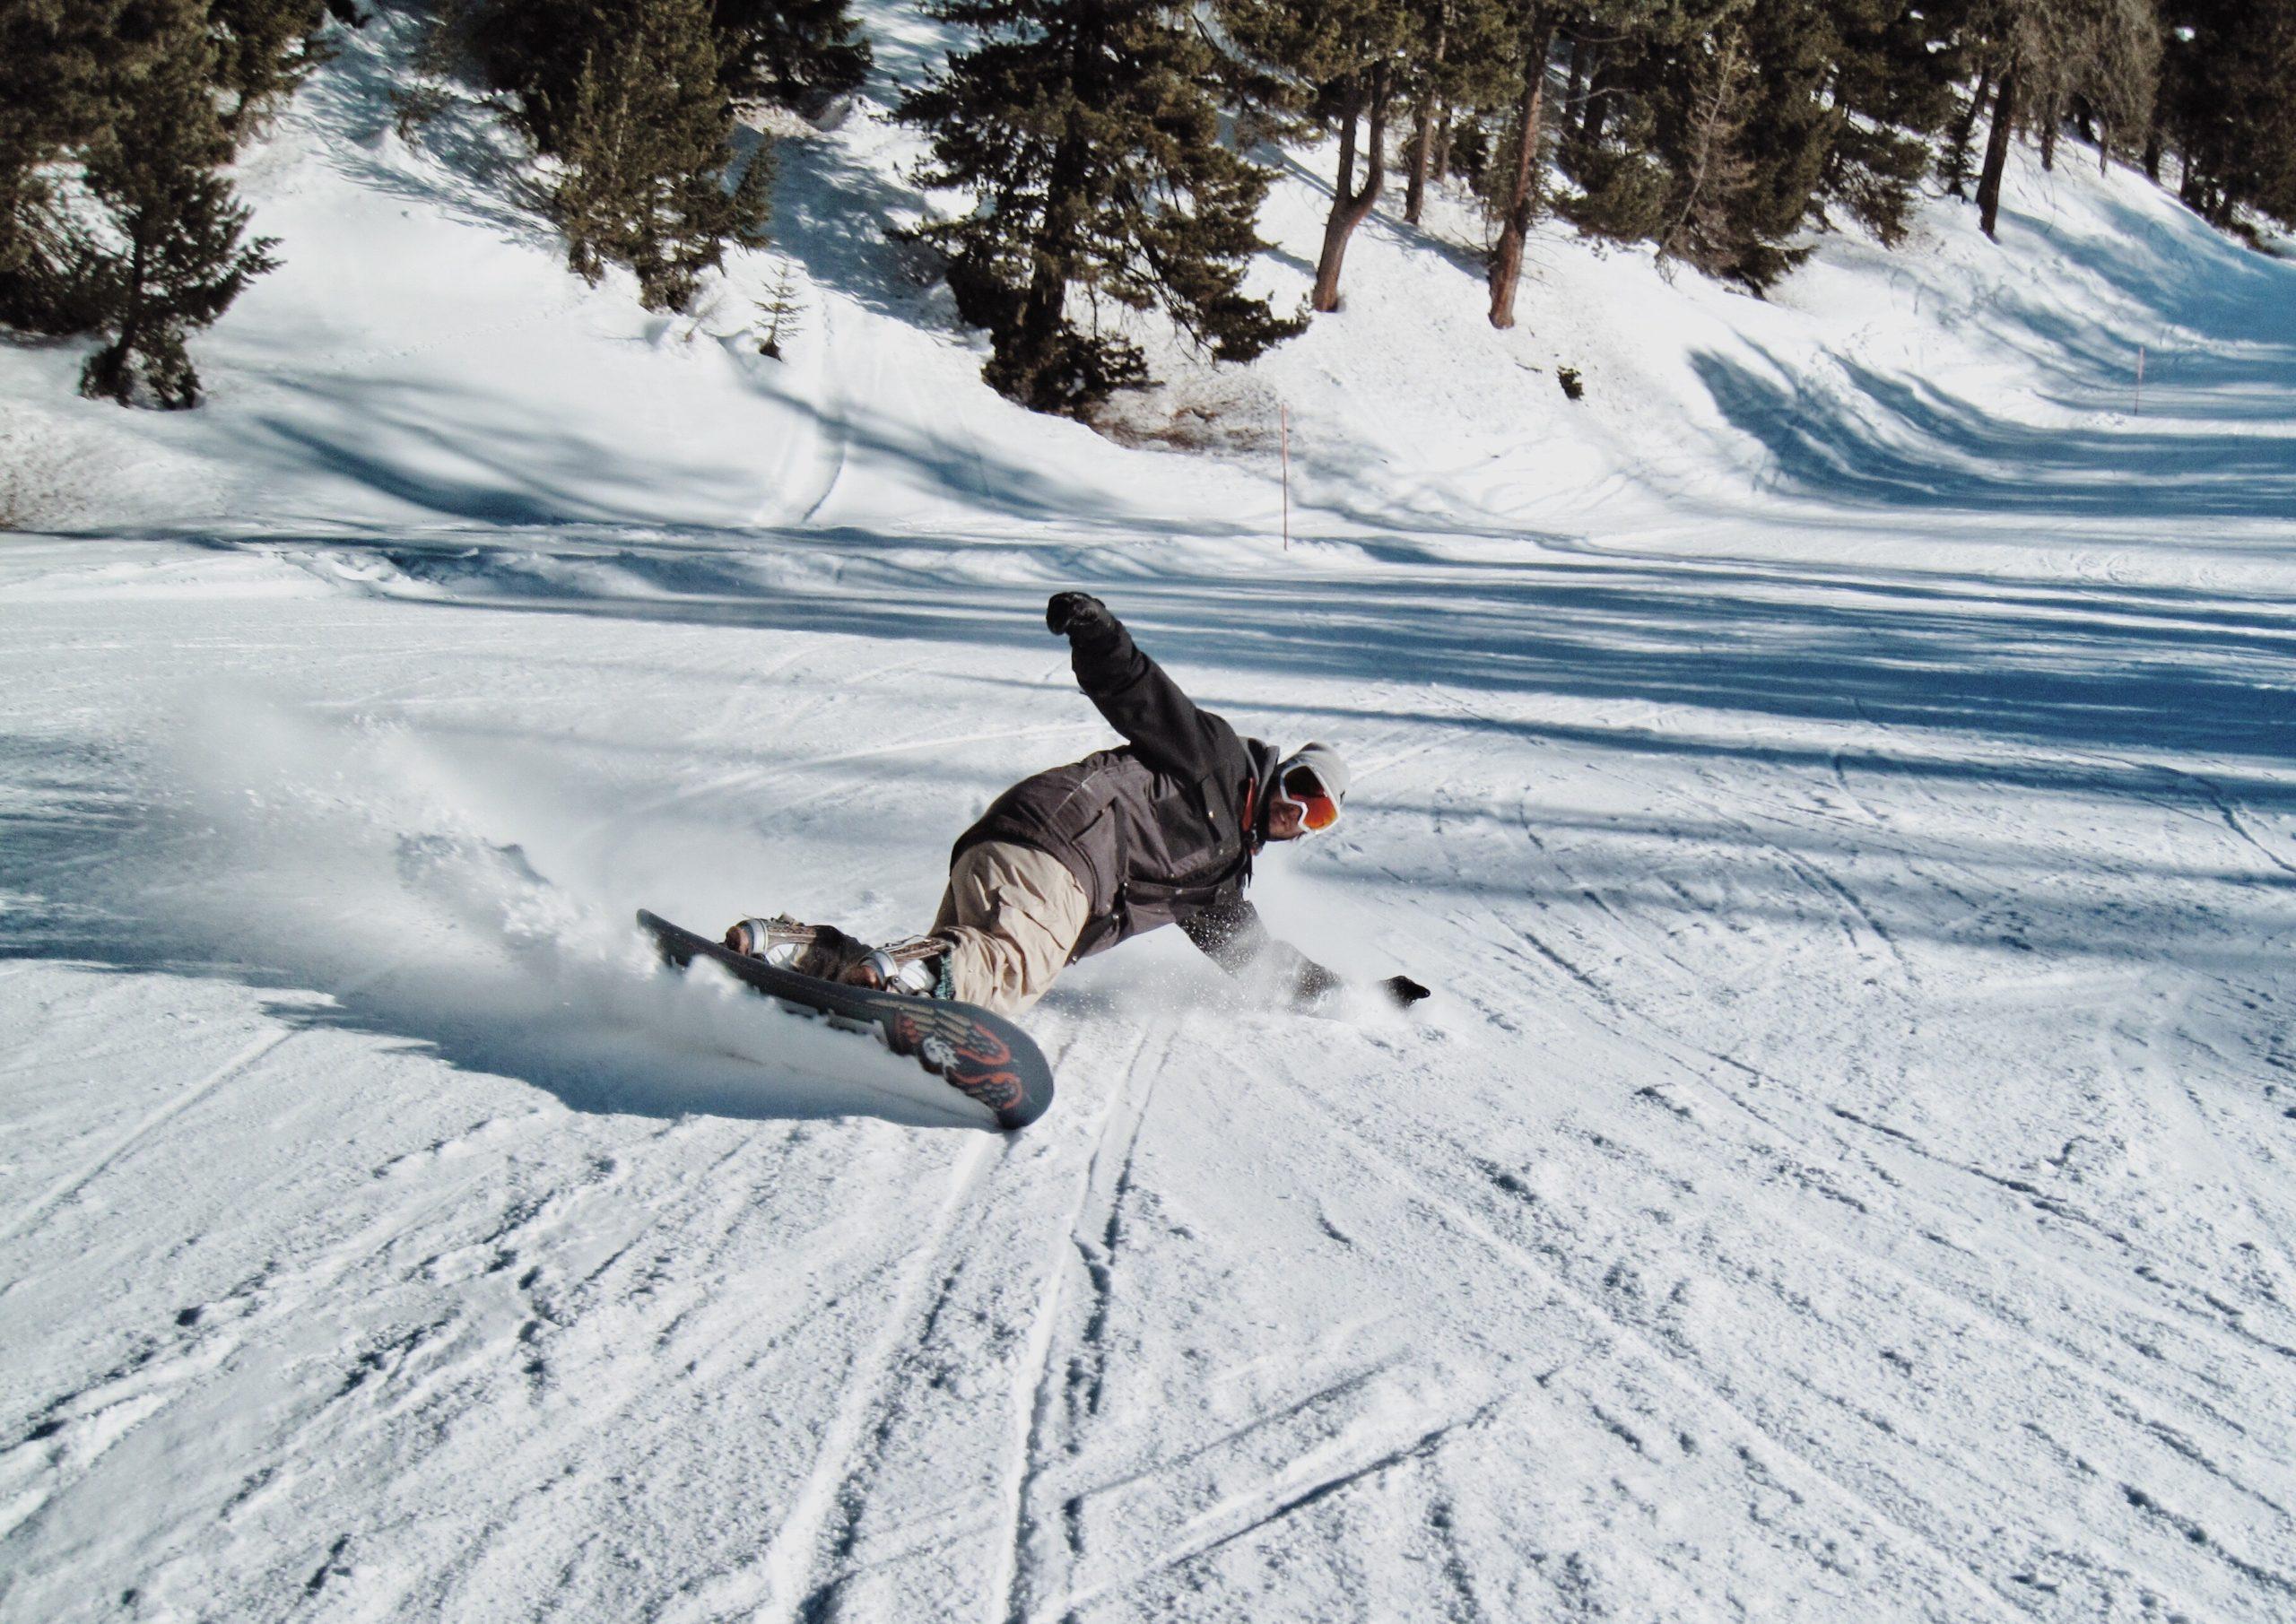 Snowboarding (Unsplash-Emma Paillex)